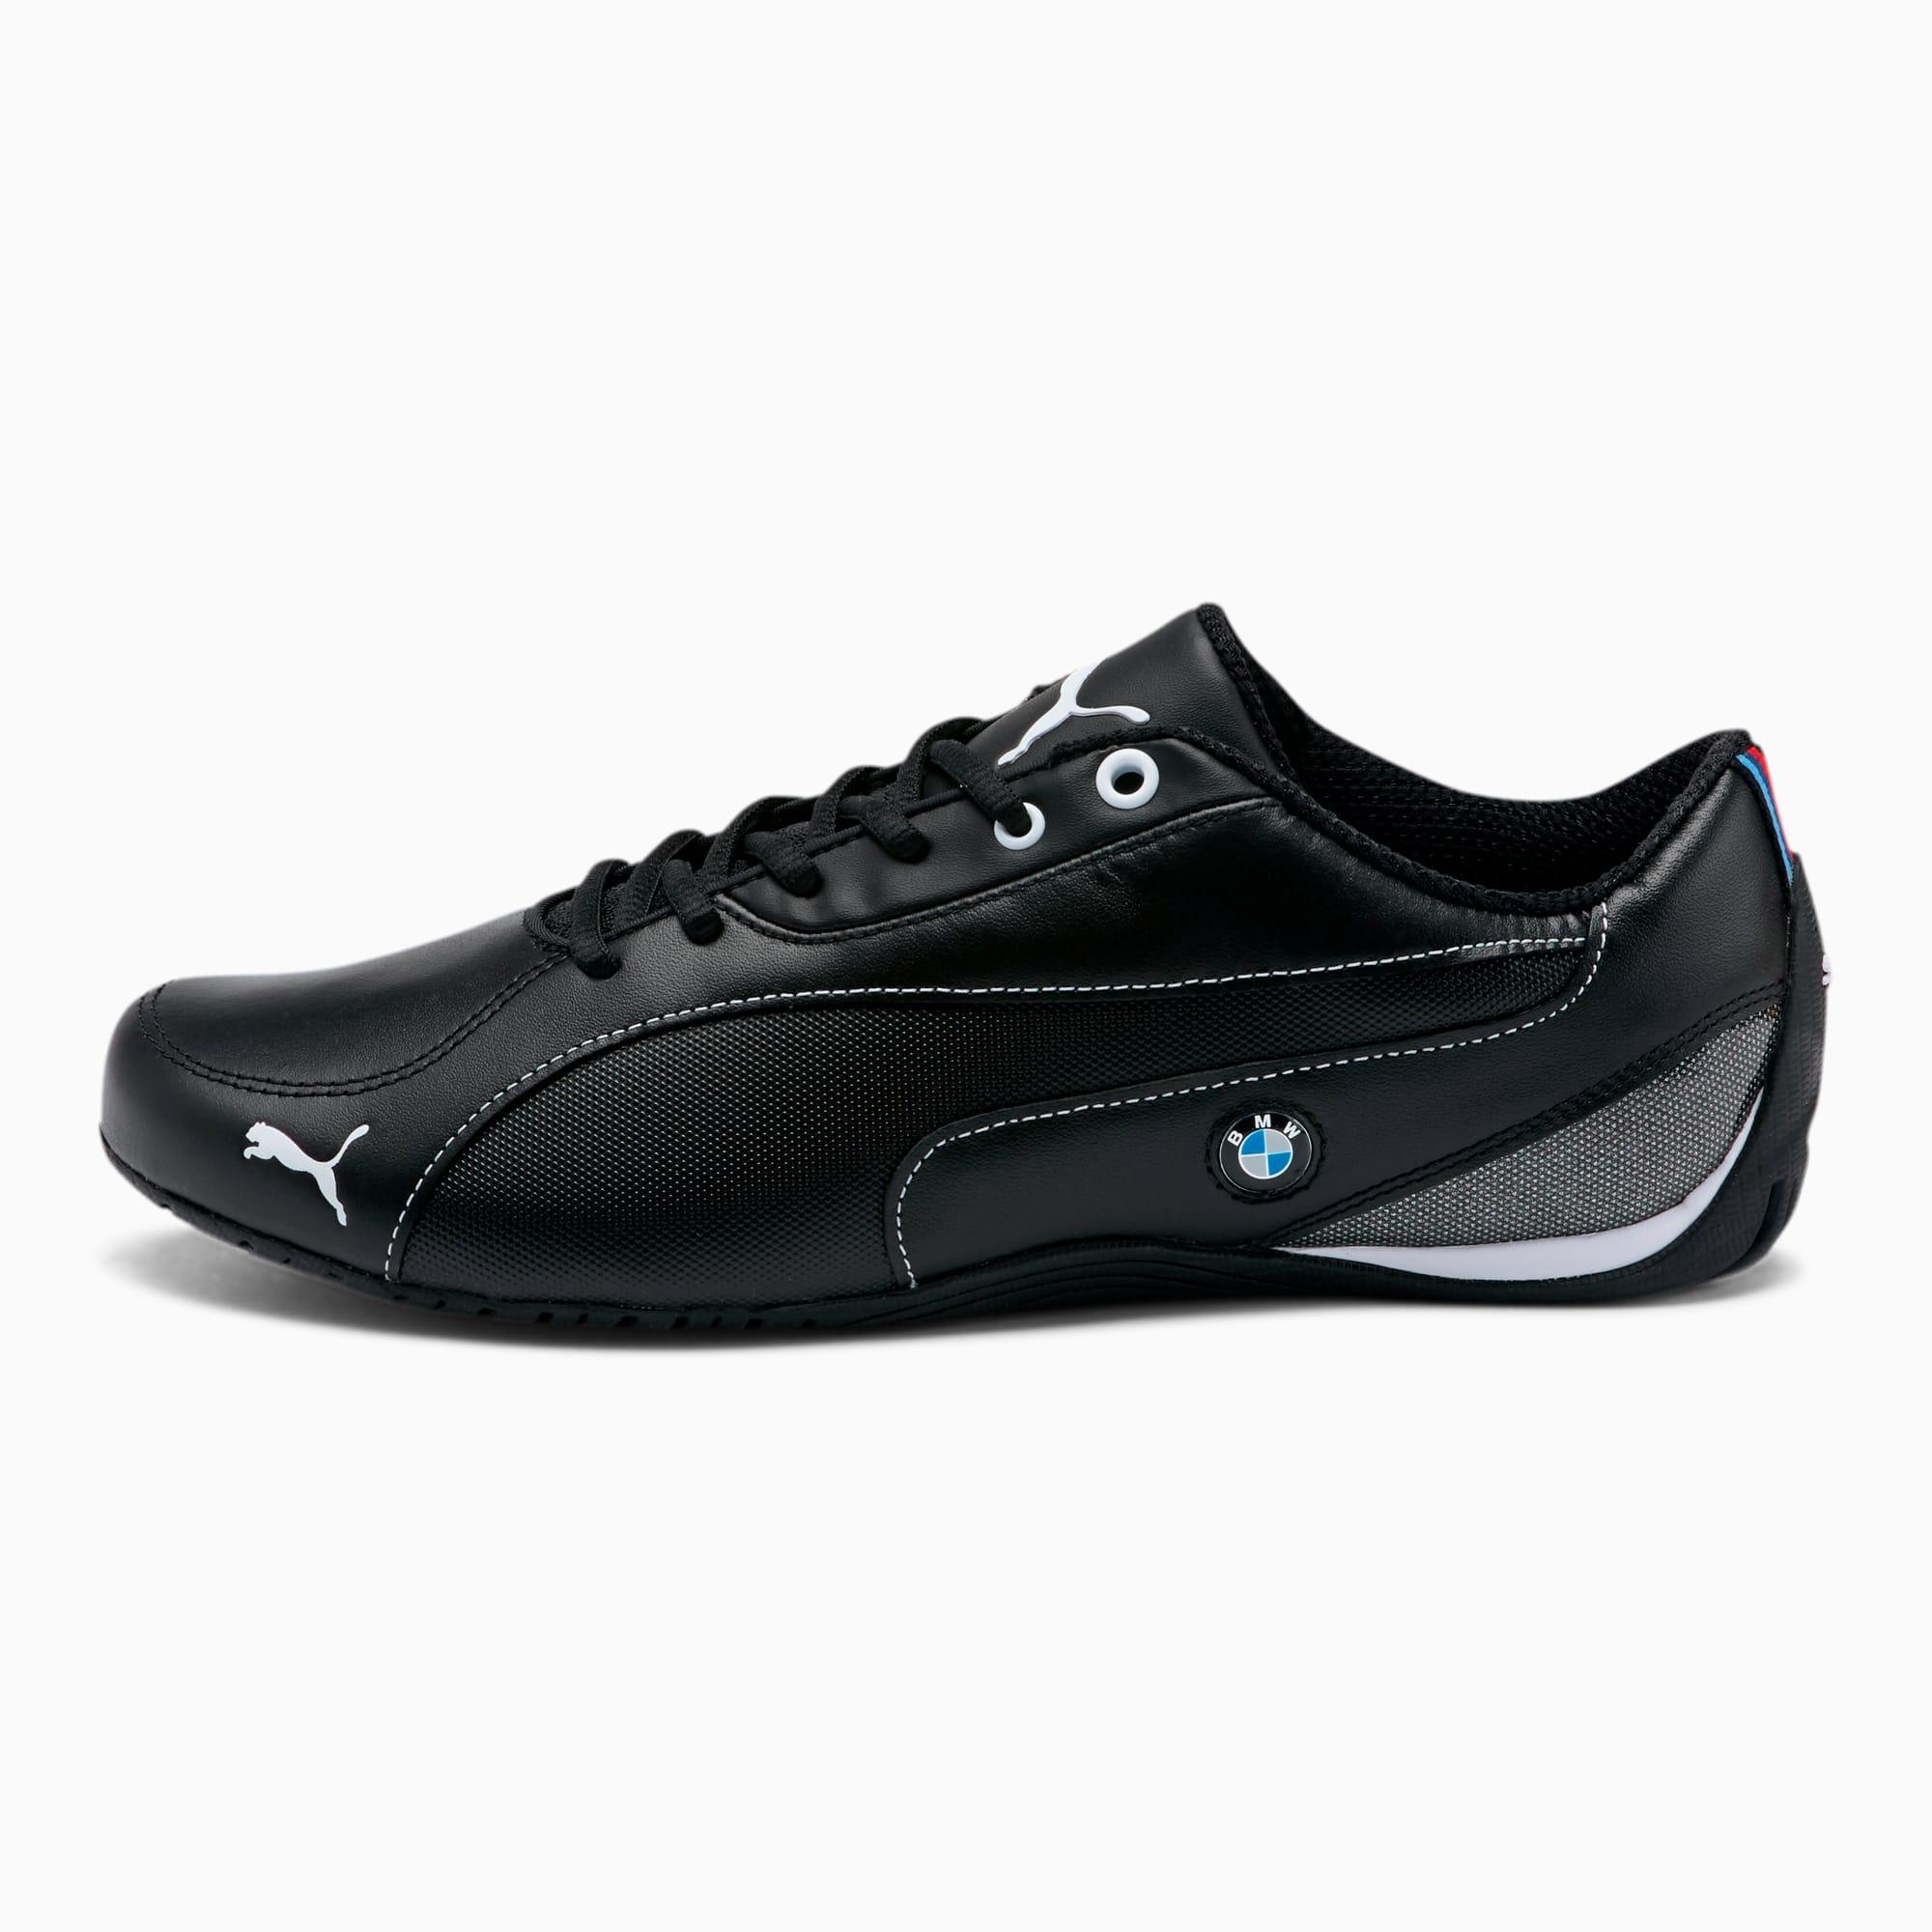 BMW M Motorsport Drift Cat 5 NM Men's Shoes